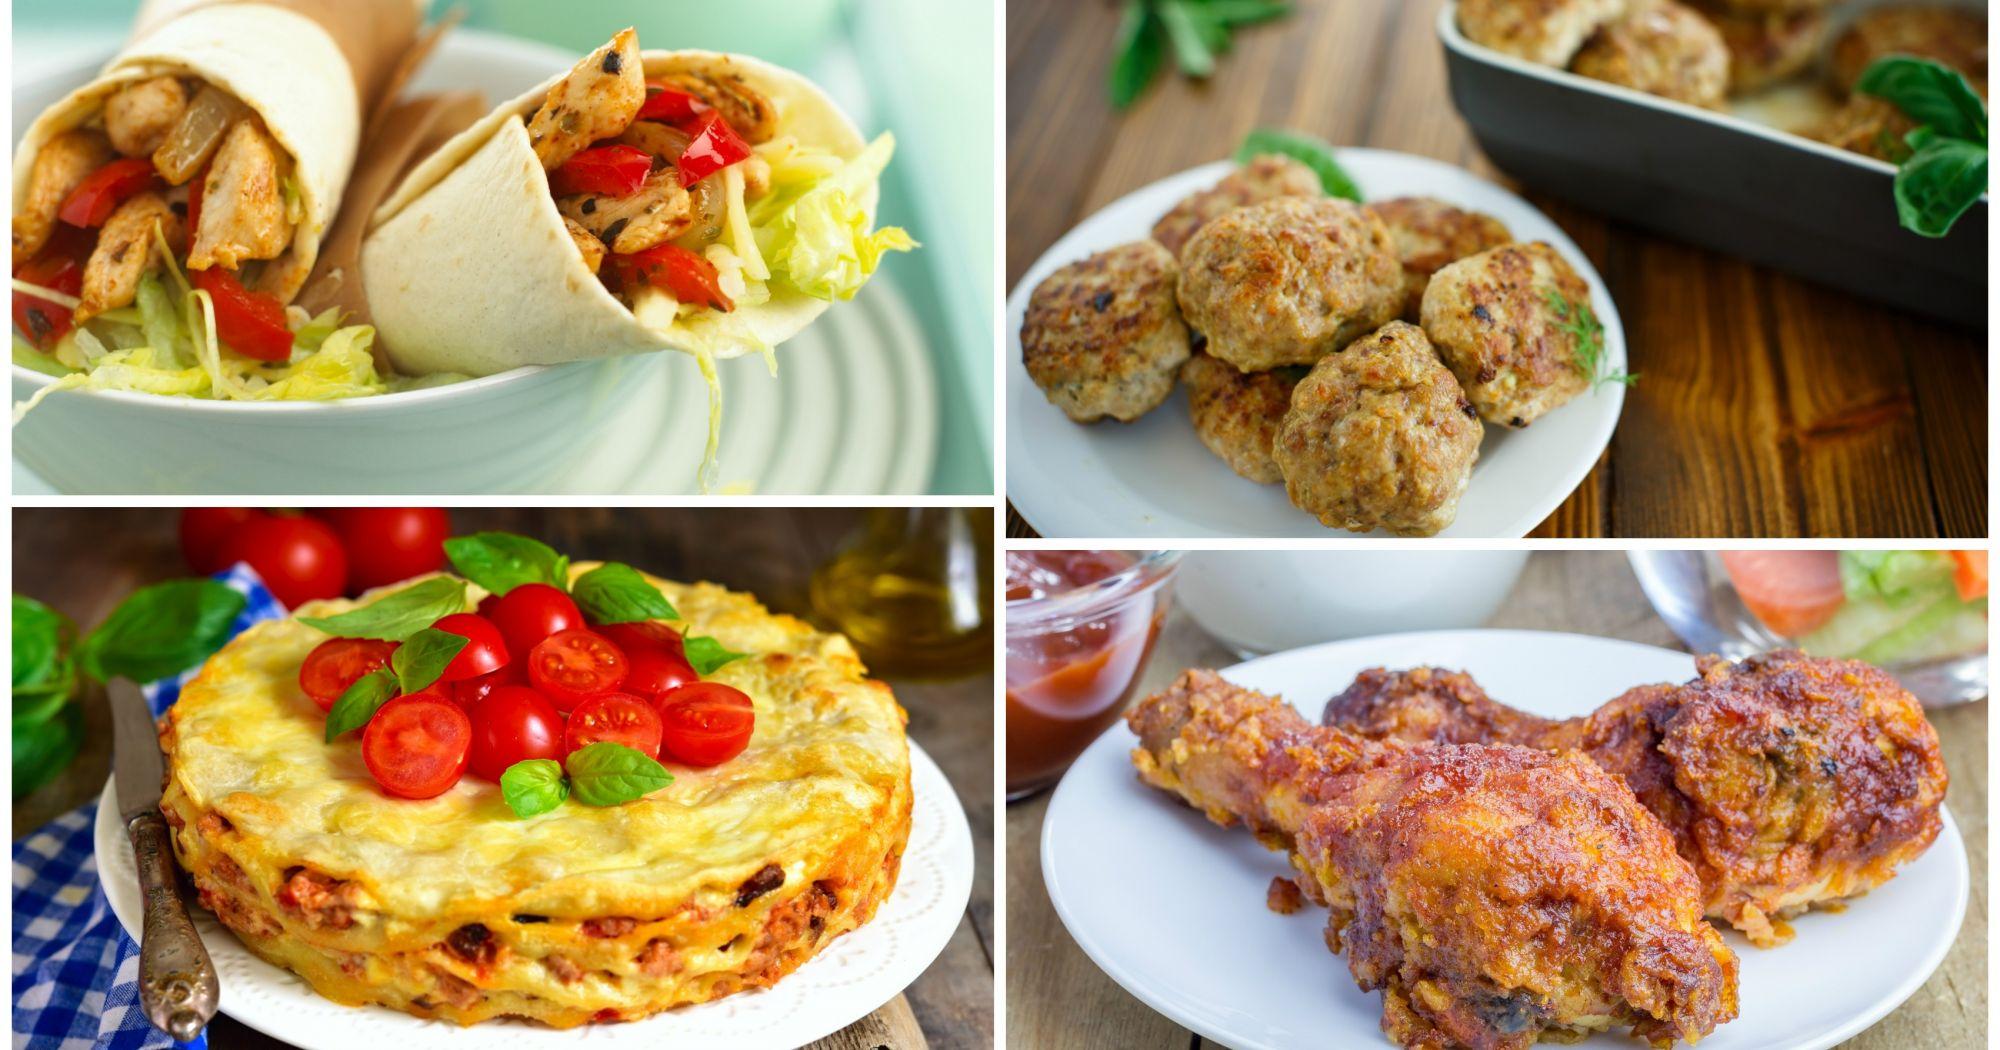 El pollo en todas sus formas no sabr s cu l elegir for Maneras de cocinar pollo